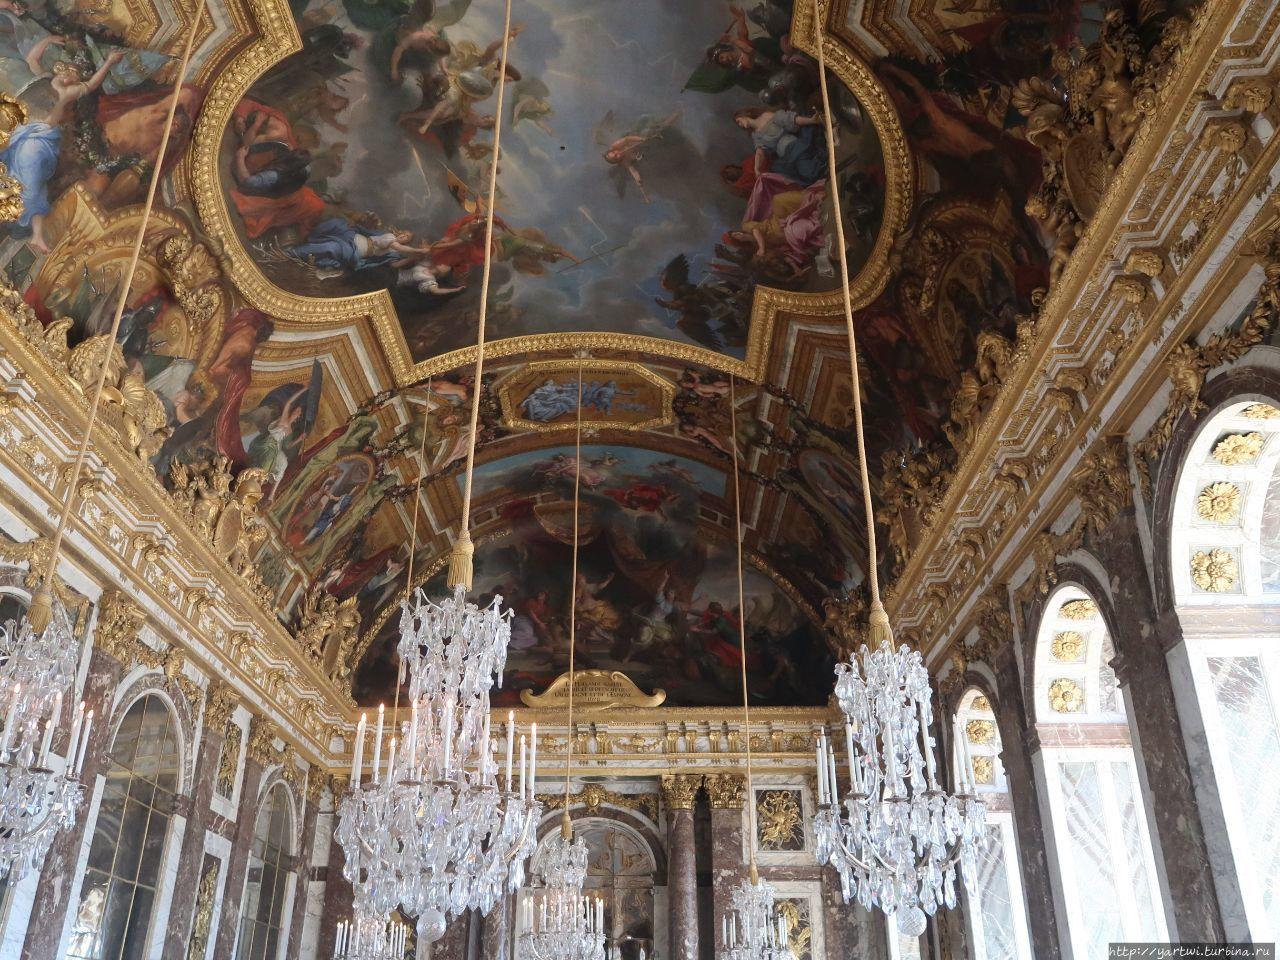 Большой дворцовый зал (пы